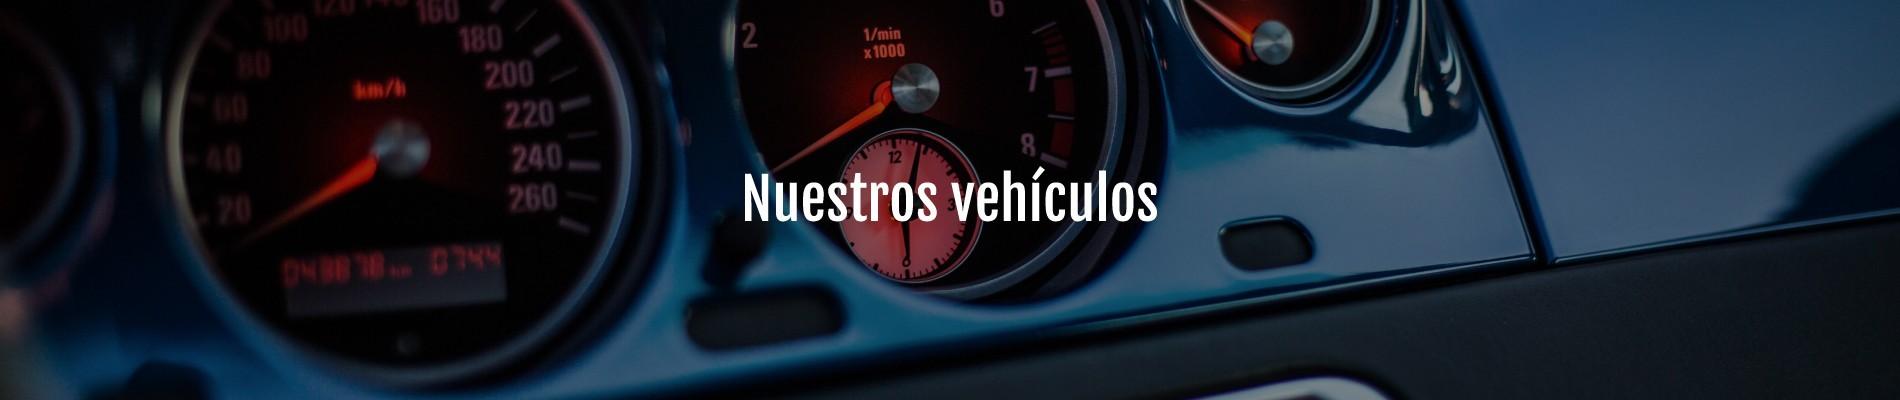 Vehiculos